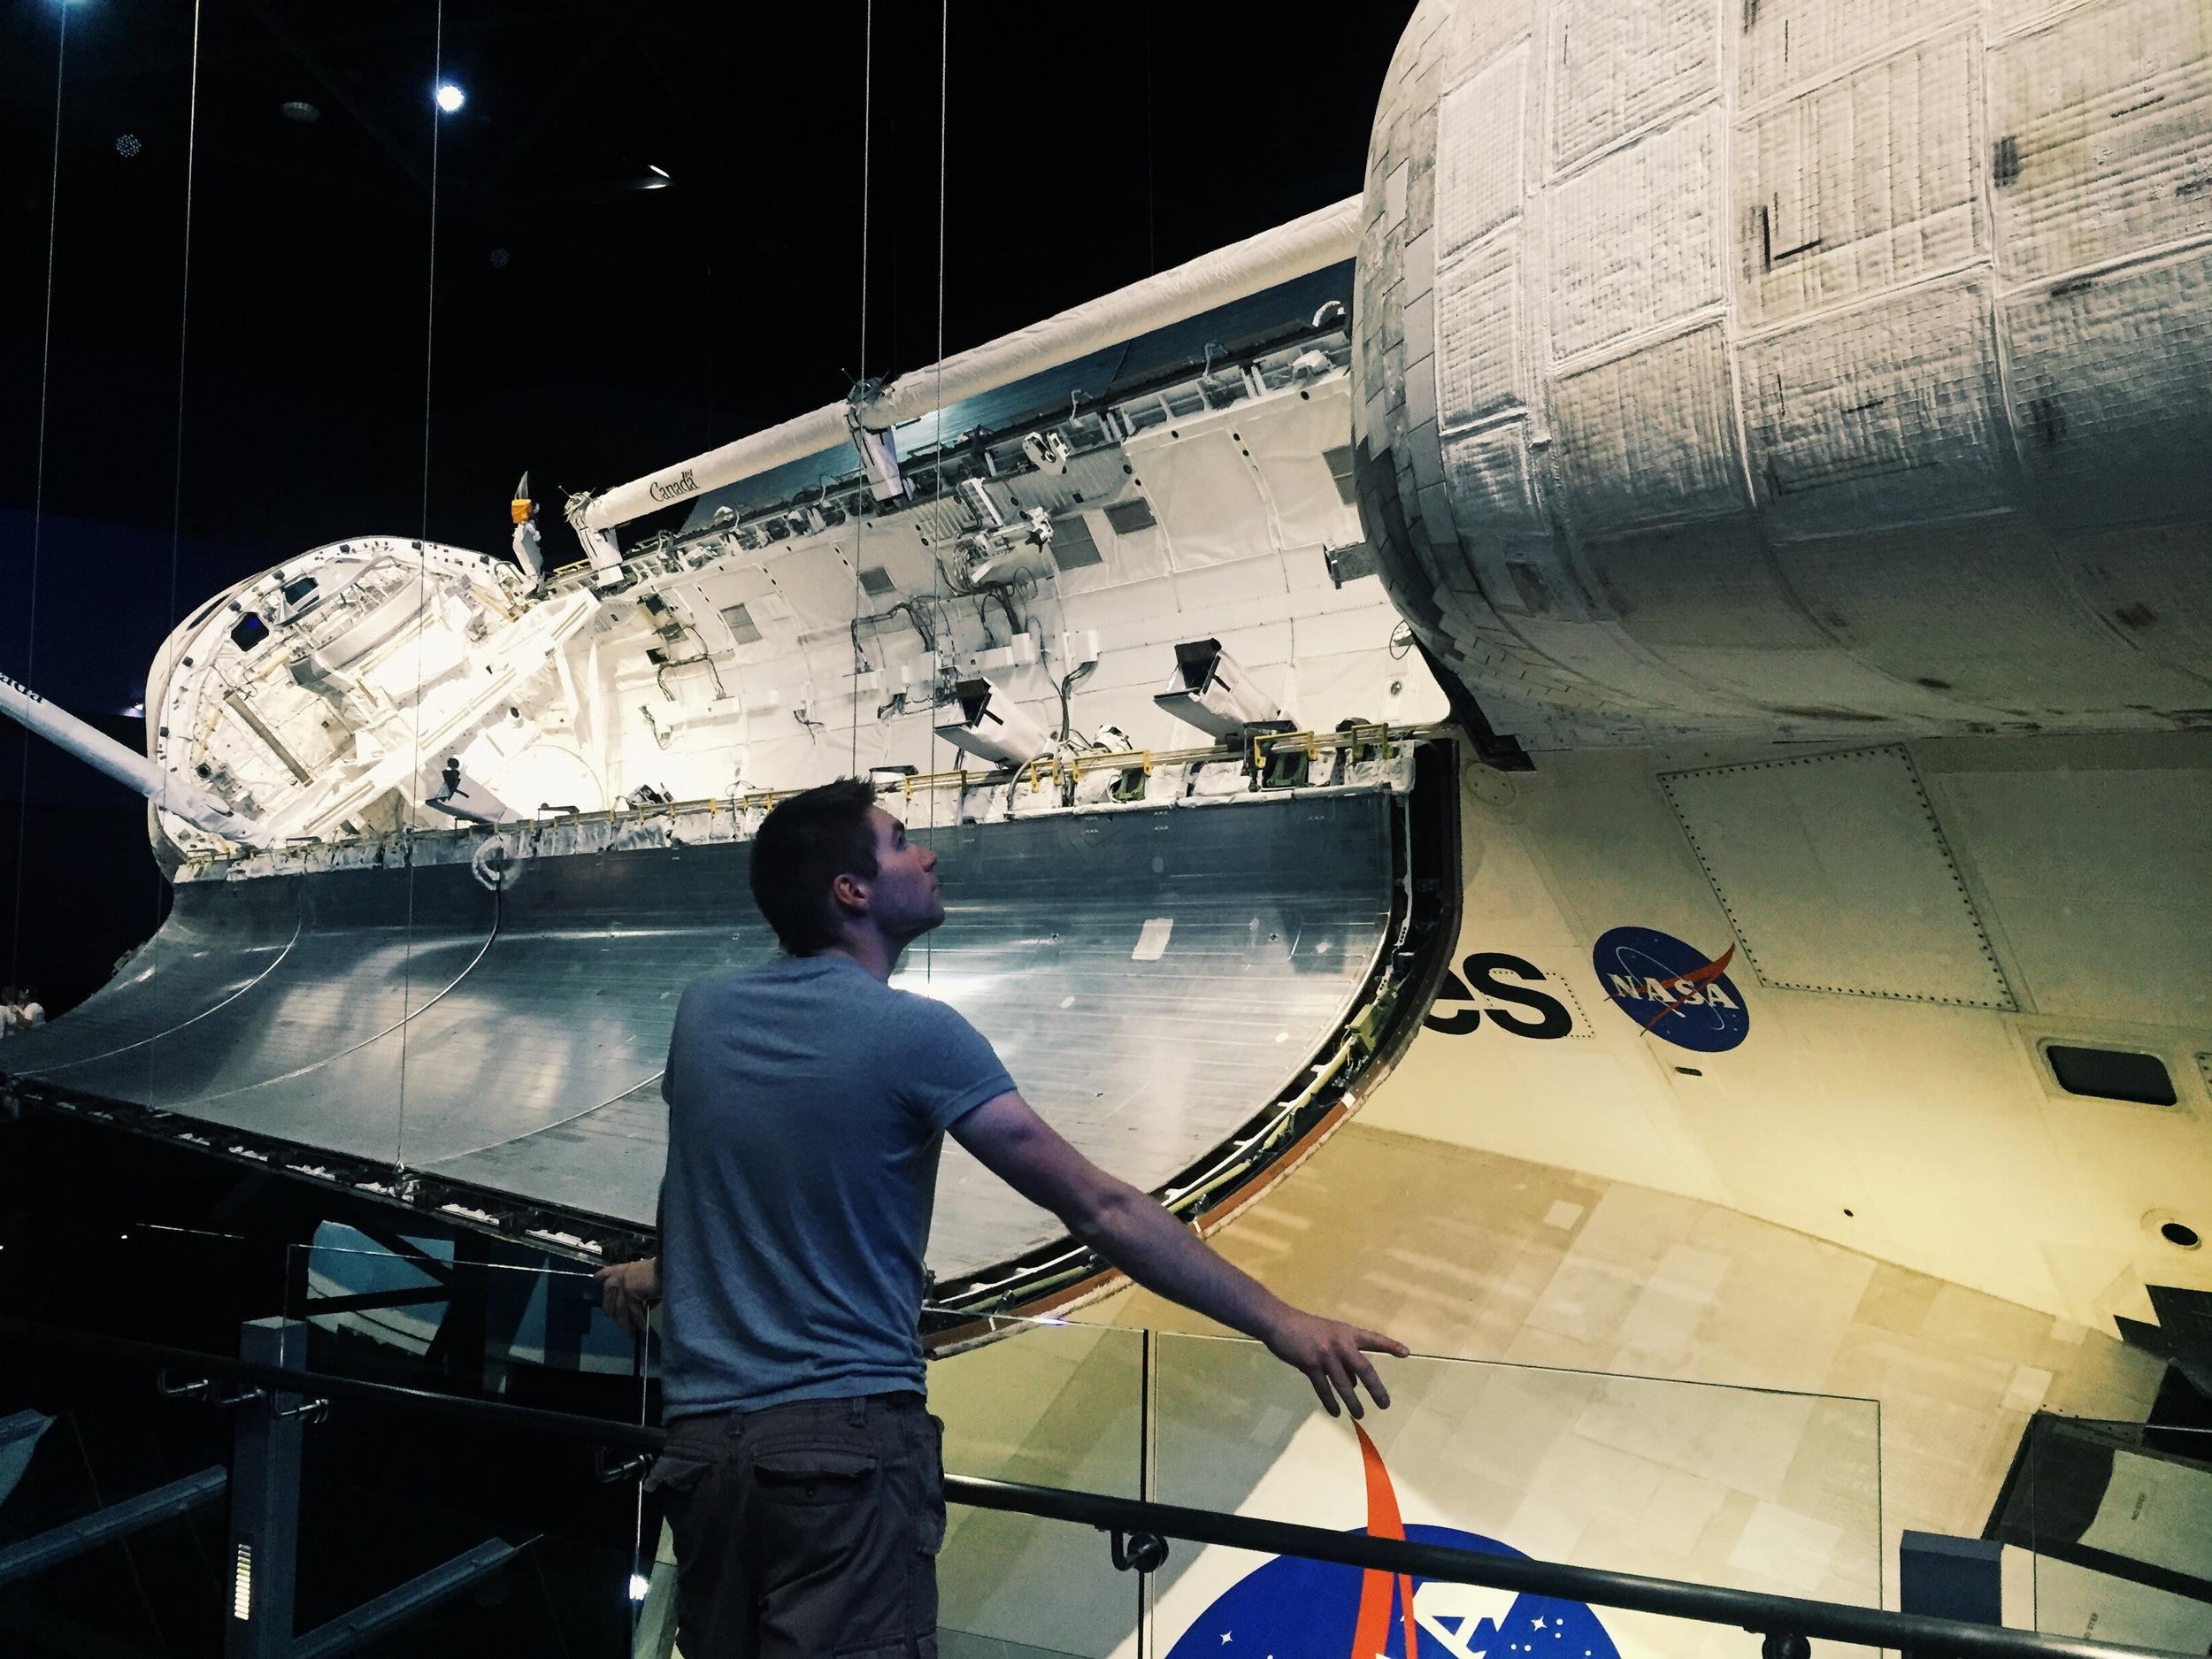 space-shuttle-atlantis-cargo-bay